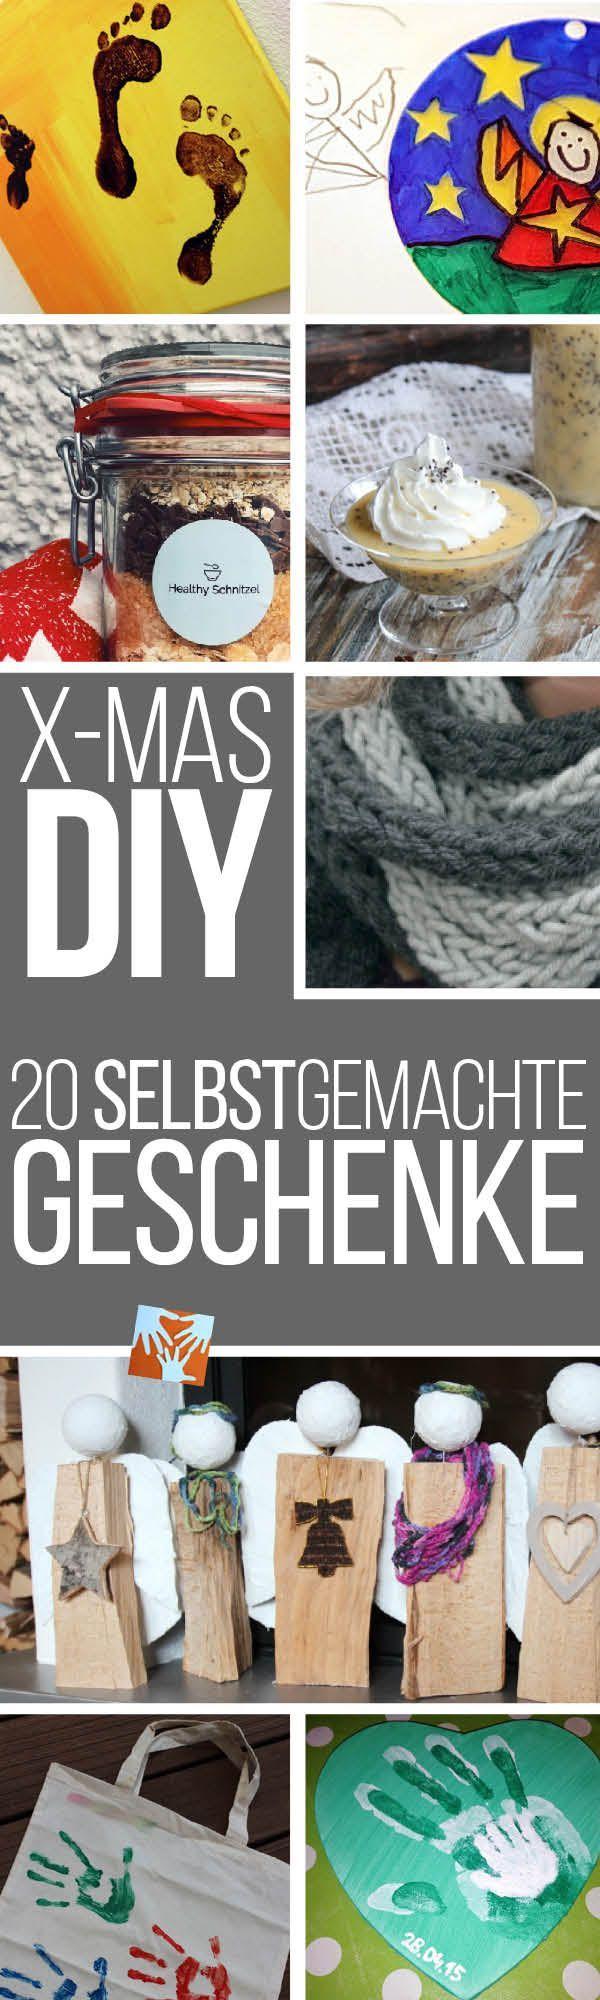 20 kinderleichte selbstgemachte Geschenksideen für Weihnachten, DIY